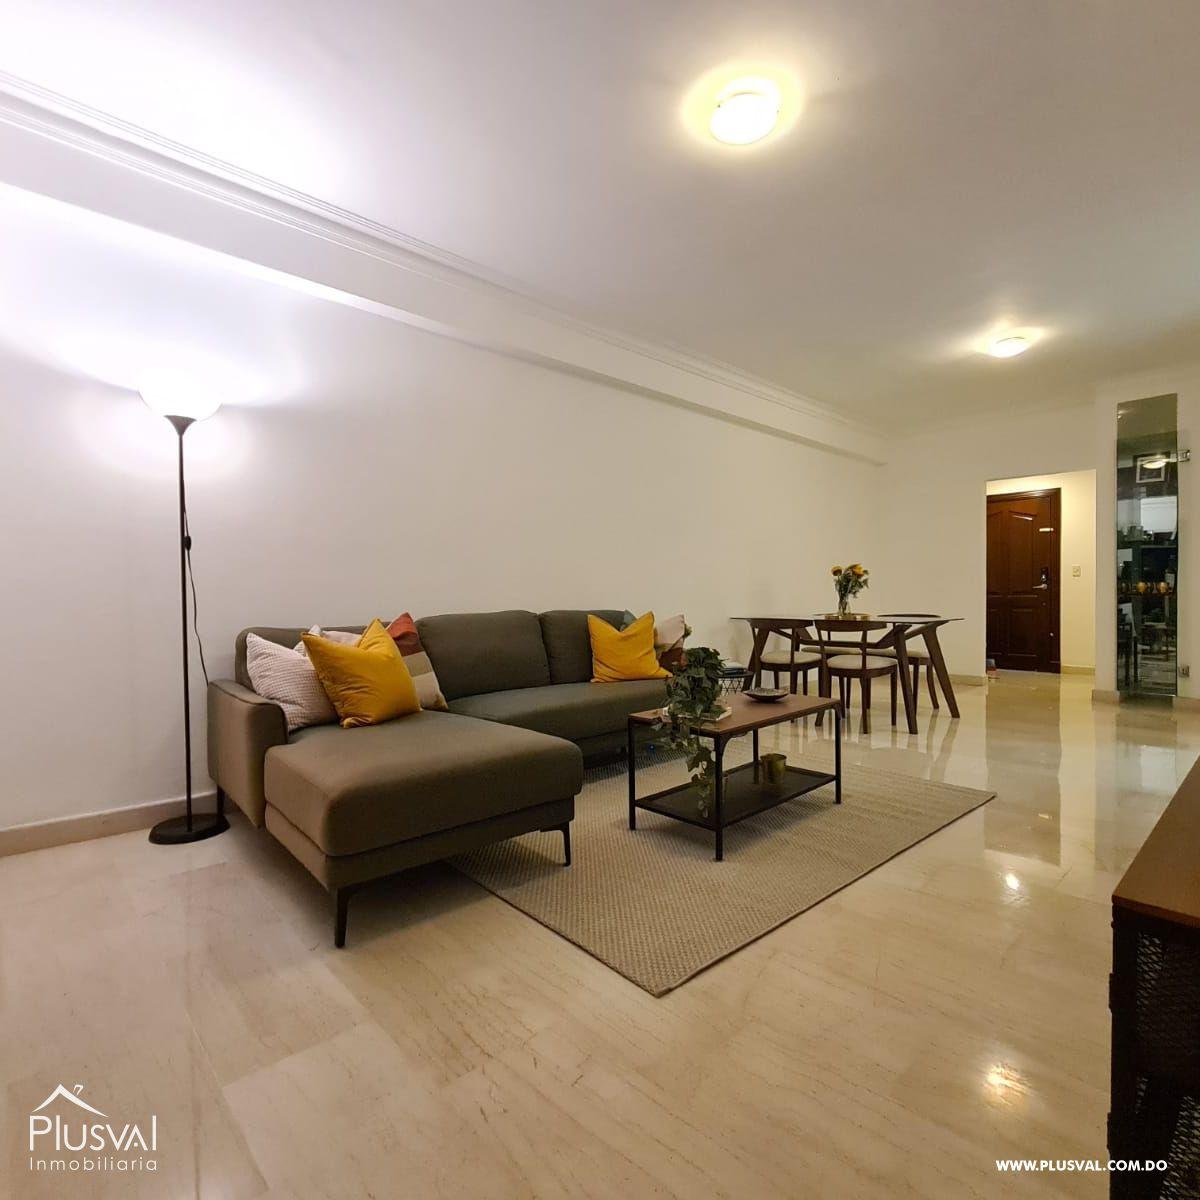 Apartamento amueblado en alquiler, Naco 188901